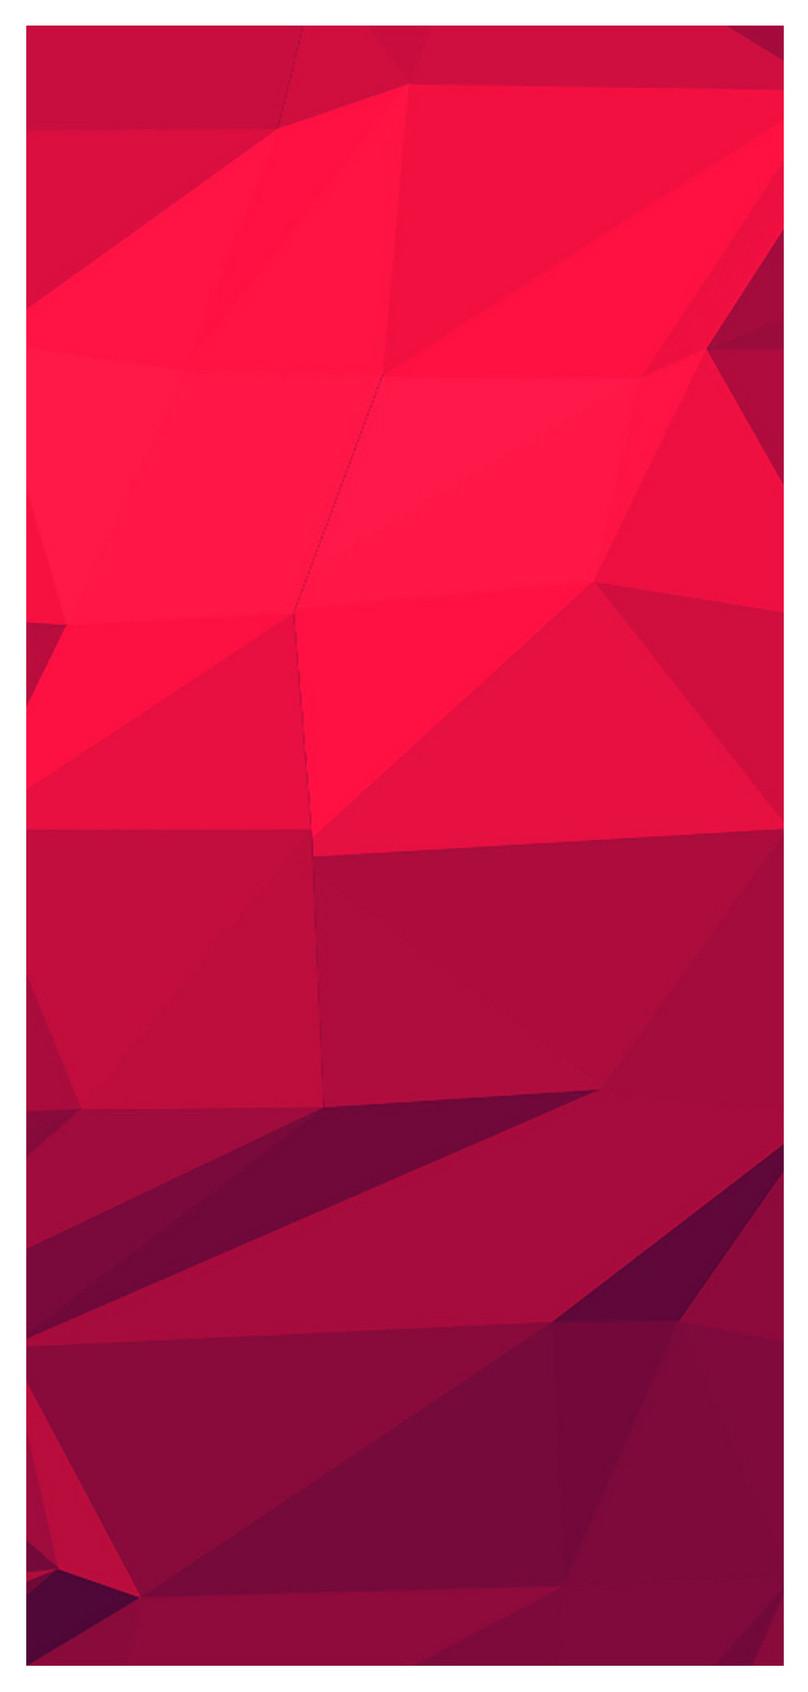 Hamparan Warna Merah Dinding Mudah Alih Gambar Unduh